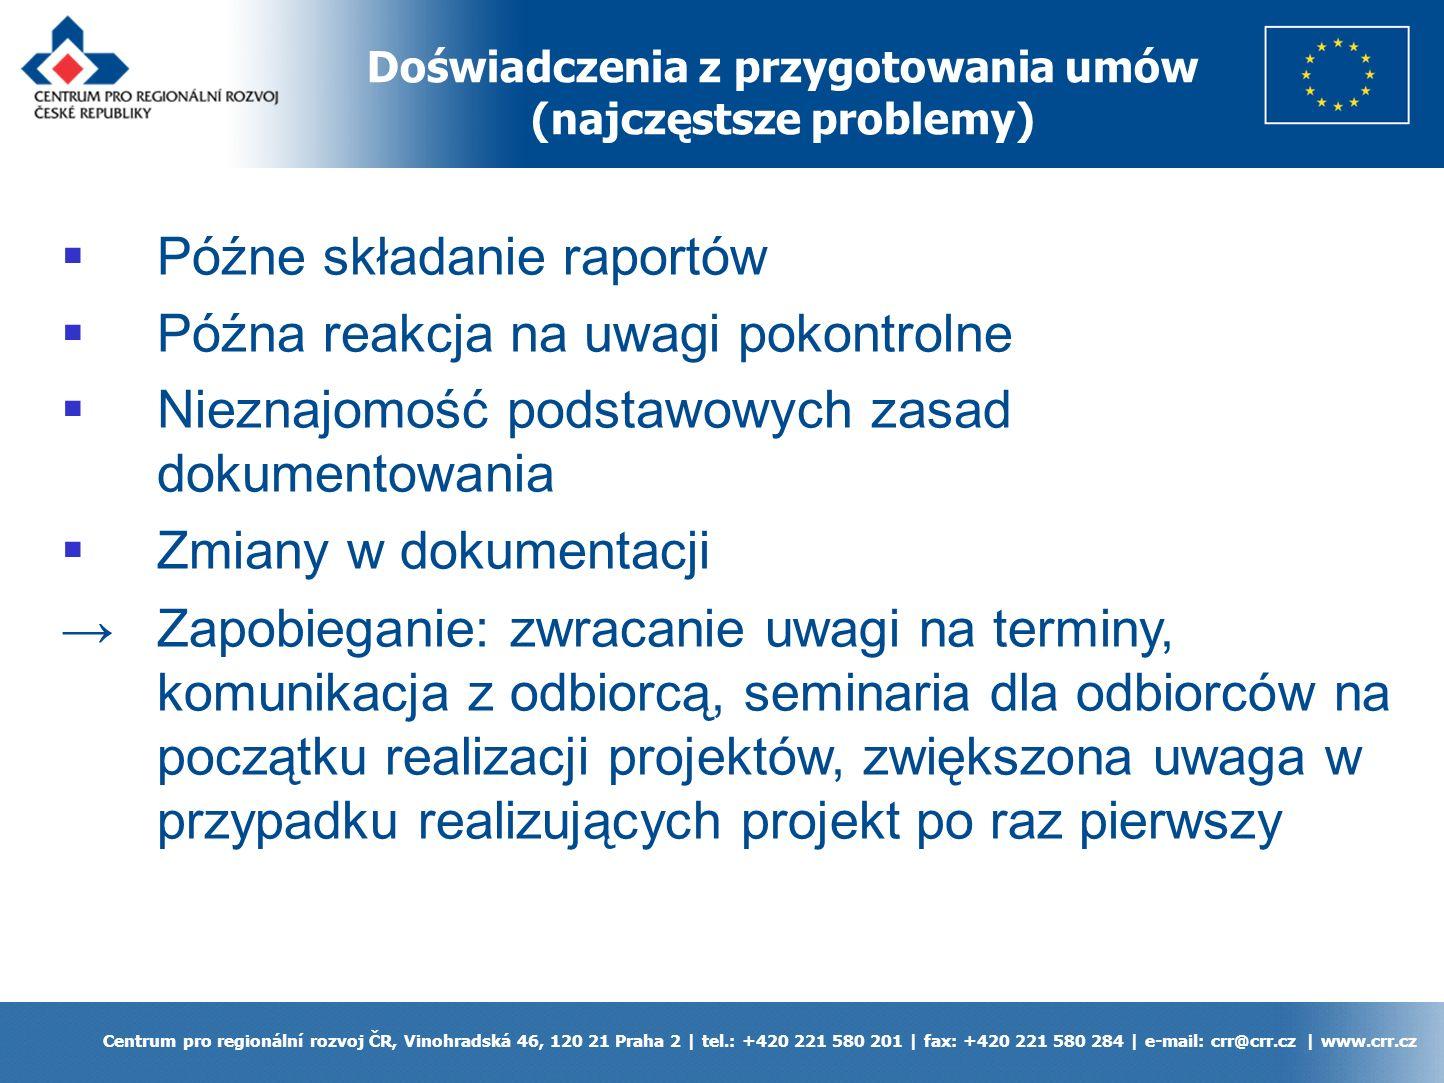 Doświadczenia z przygotowania umów (najczęstsze problemy) Centrum pro regionální rozvoj ČR, Vinohradská 46, 120 21 Praha 2 | tel.: +420 221 580 201 | fax: +420 221 580 284 | e-mail: crr@crr.cz | www.crr.cz Późne składanie raportów Późna reakcja na uwagi pokontrolne Nieznajomość podstawowych zasad dokumentowania Zmiany w dokumentacji Zapobieganie: zwracanie uwagi na terminy, komunikacja z odbiorcą, seminaria dla odbiorców na początku realizacji projektów, zwiększona uwaga w przypadku realizujących projekt po raz pierwszy